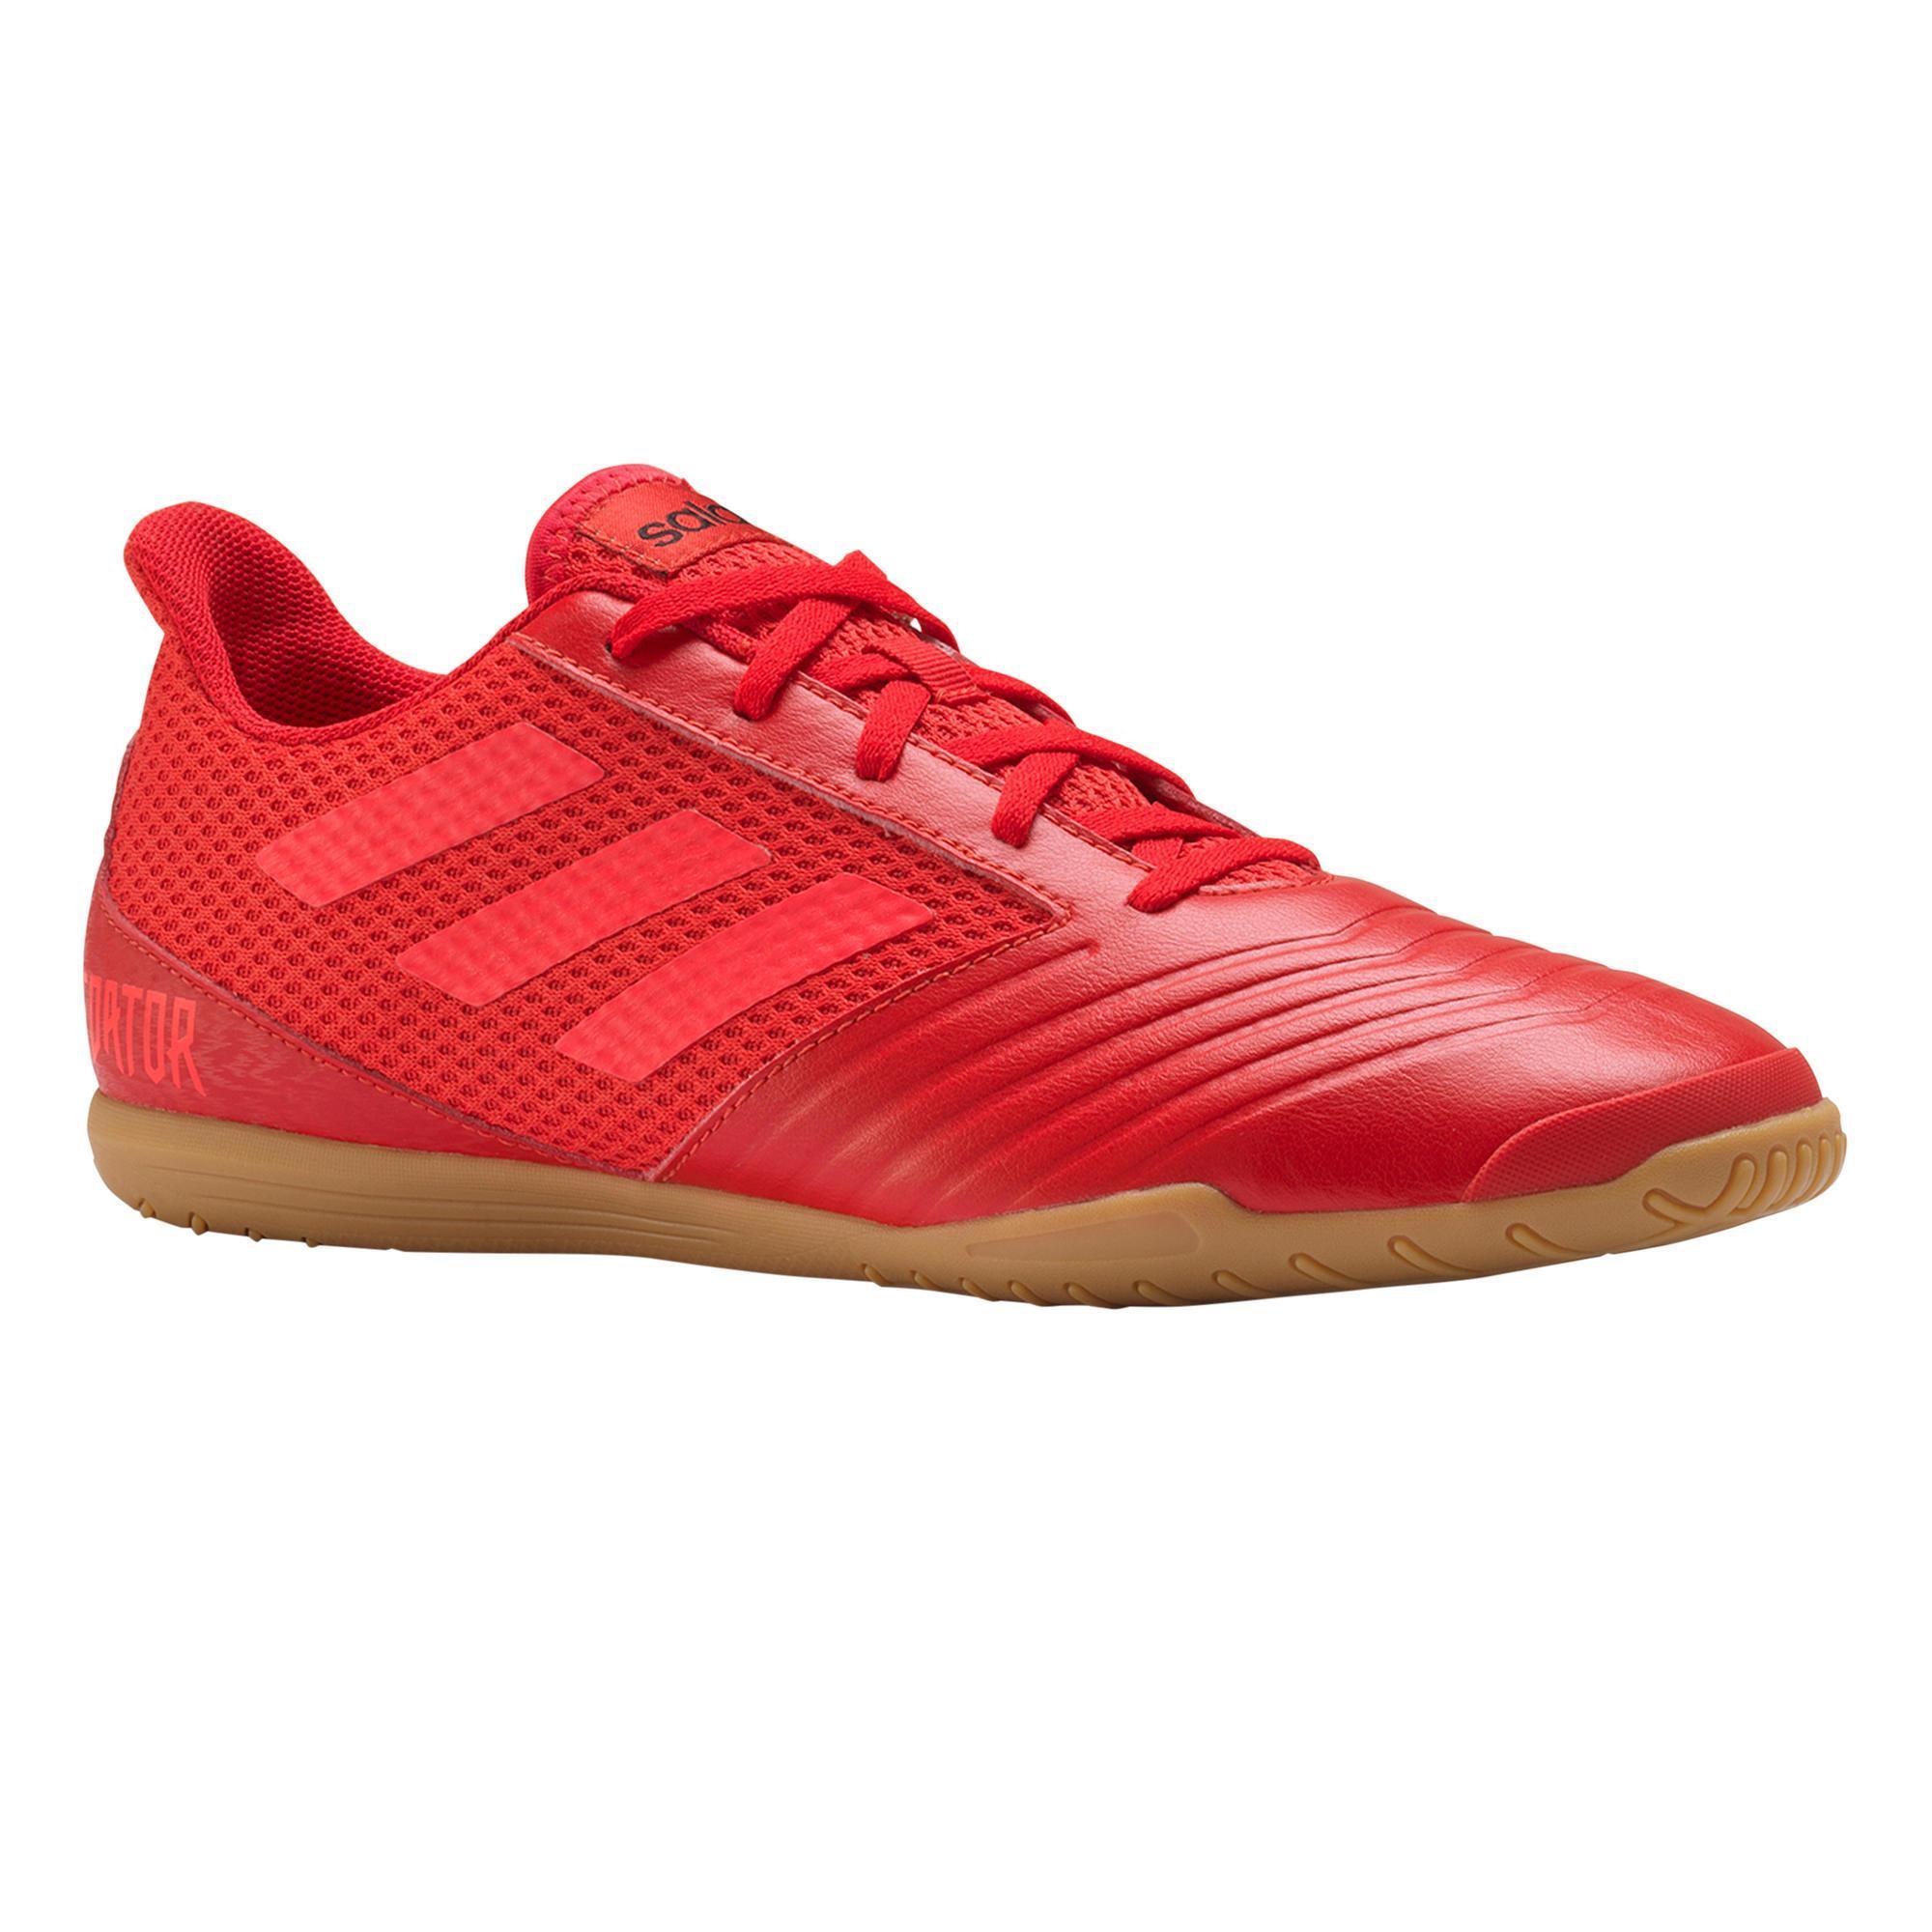 Adidas Zaalvoetbalschoenen Predator Tango 18.4 IC voor volwassenen rood